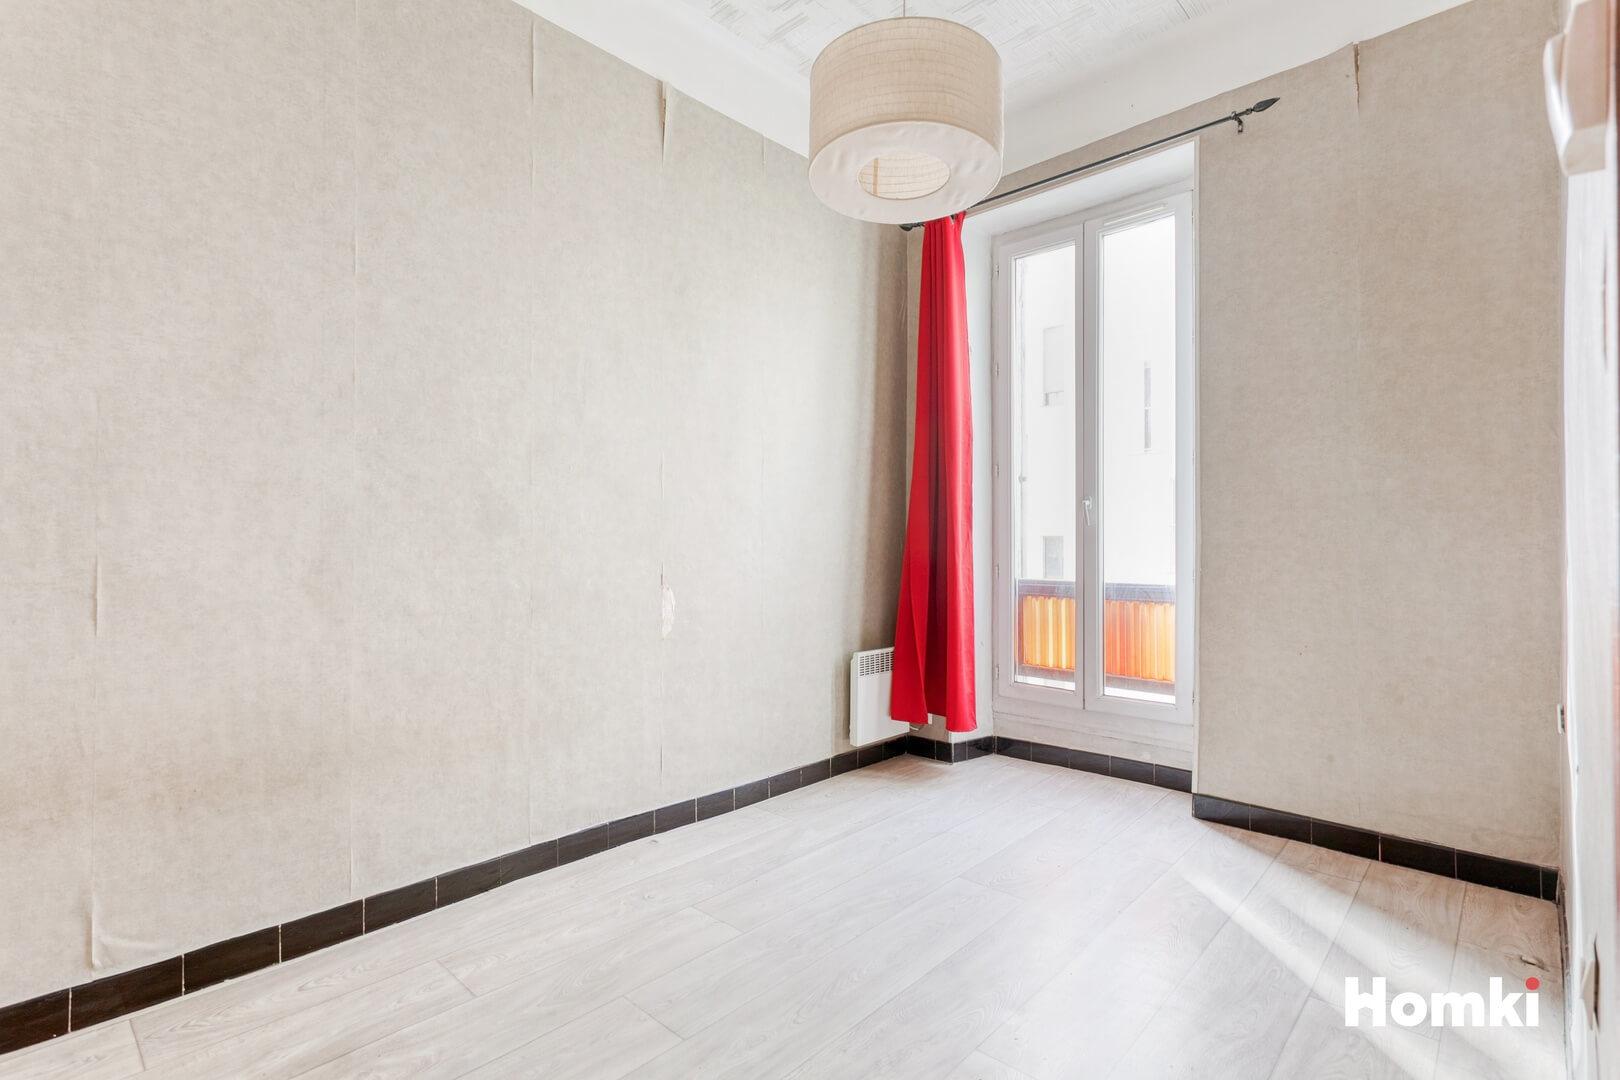 Homki - Vente Appartement  de 49.0 m² à Marseille 13003